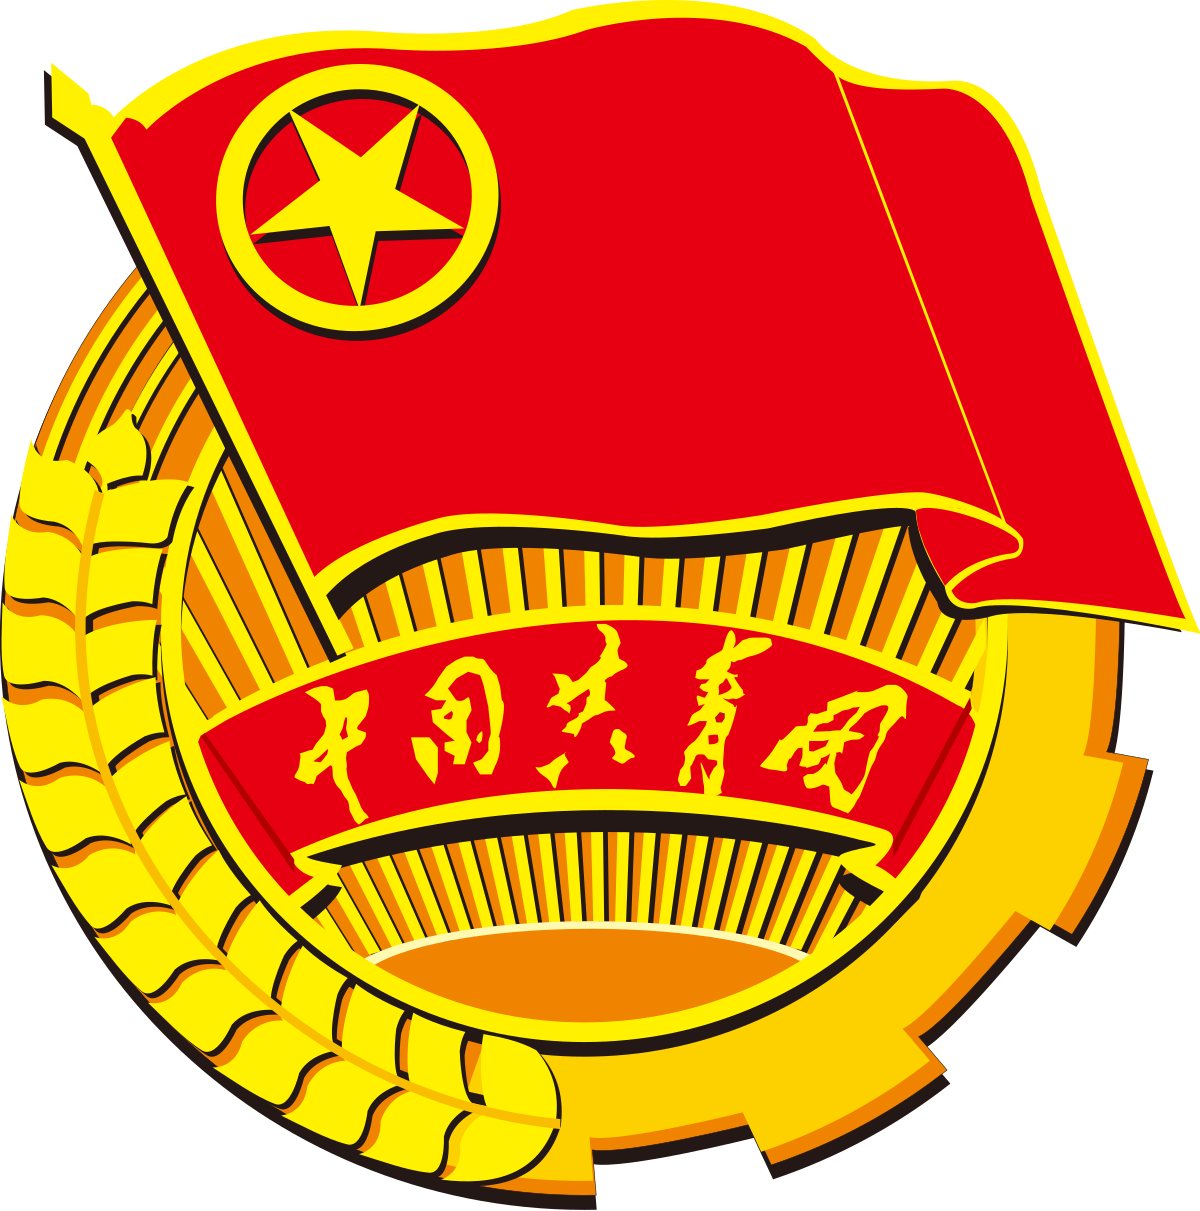 Hình ảnh logo đoàn thanh niên Trung Quốc